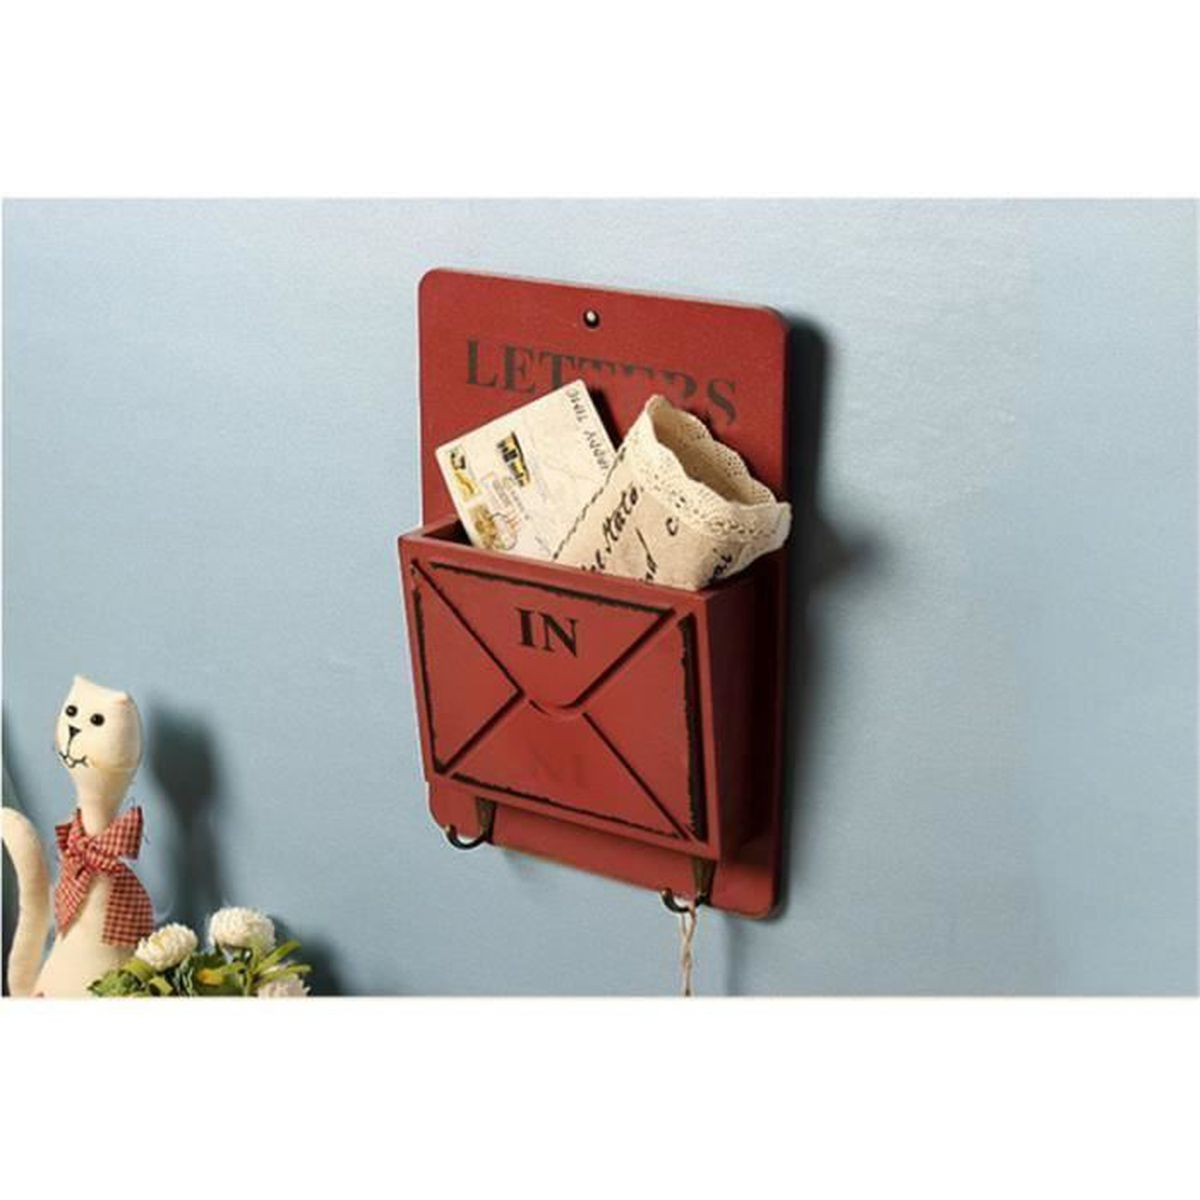 bo te aux lettres rouge vintage en bois mural suspendus. Black Bedroom Furniture Sets. Home Design Ideas